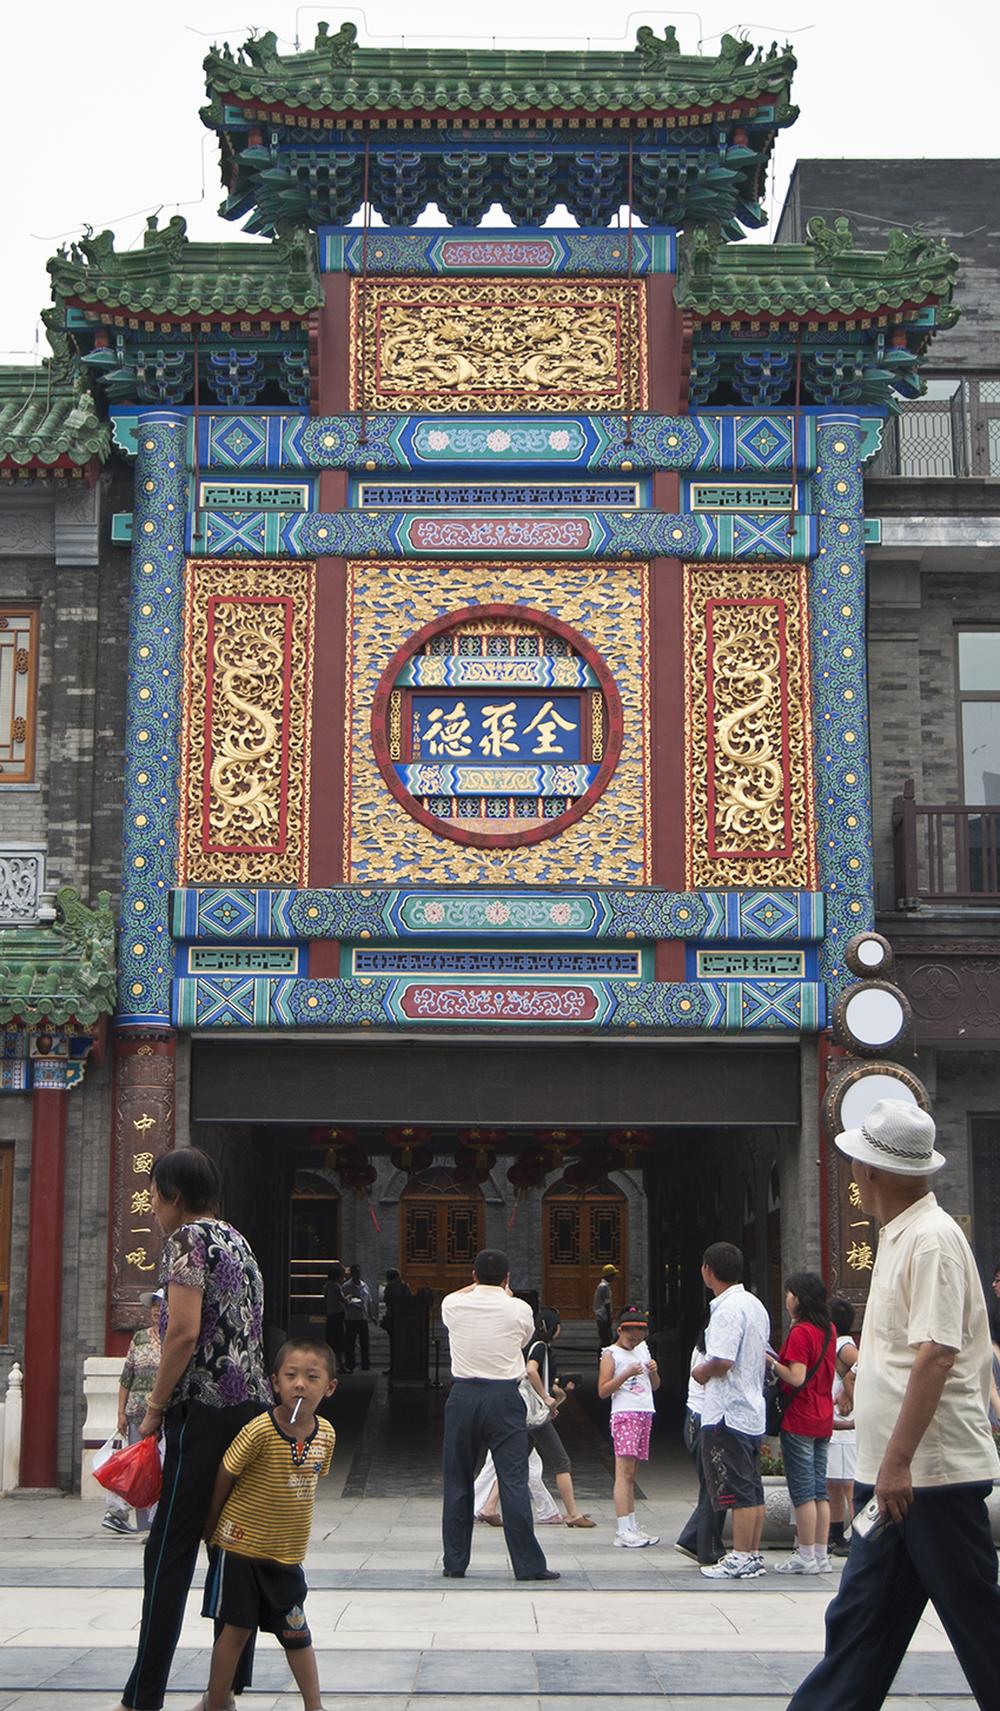 Shop front decoration